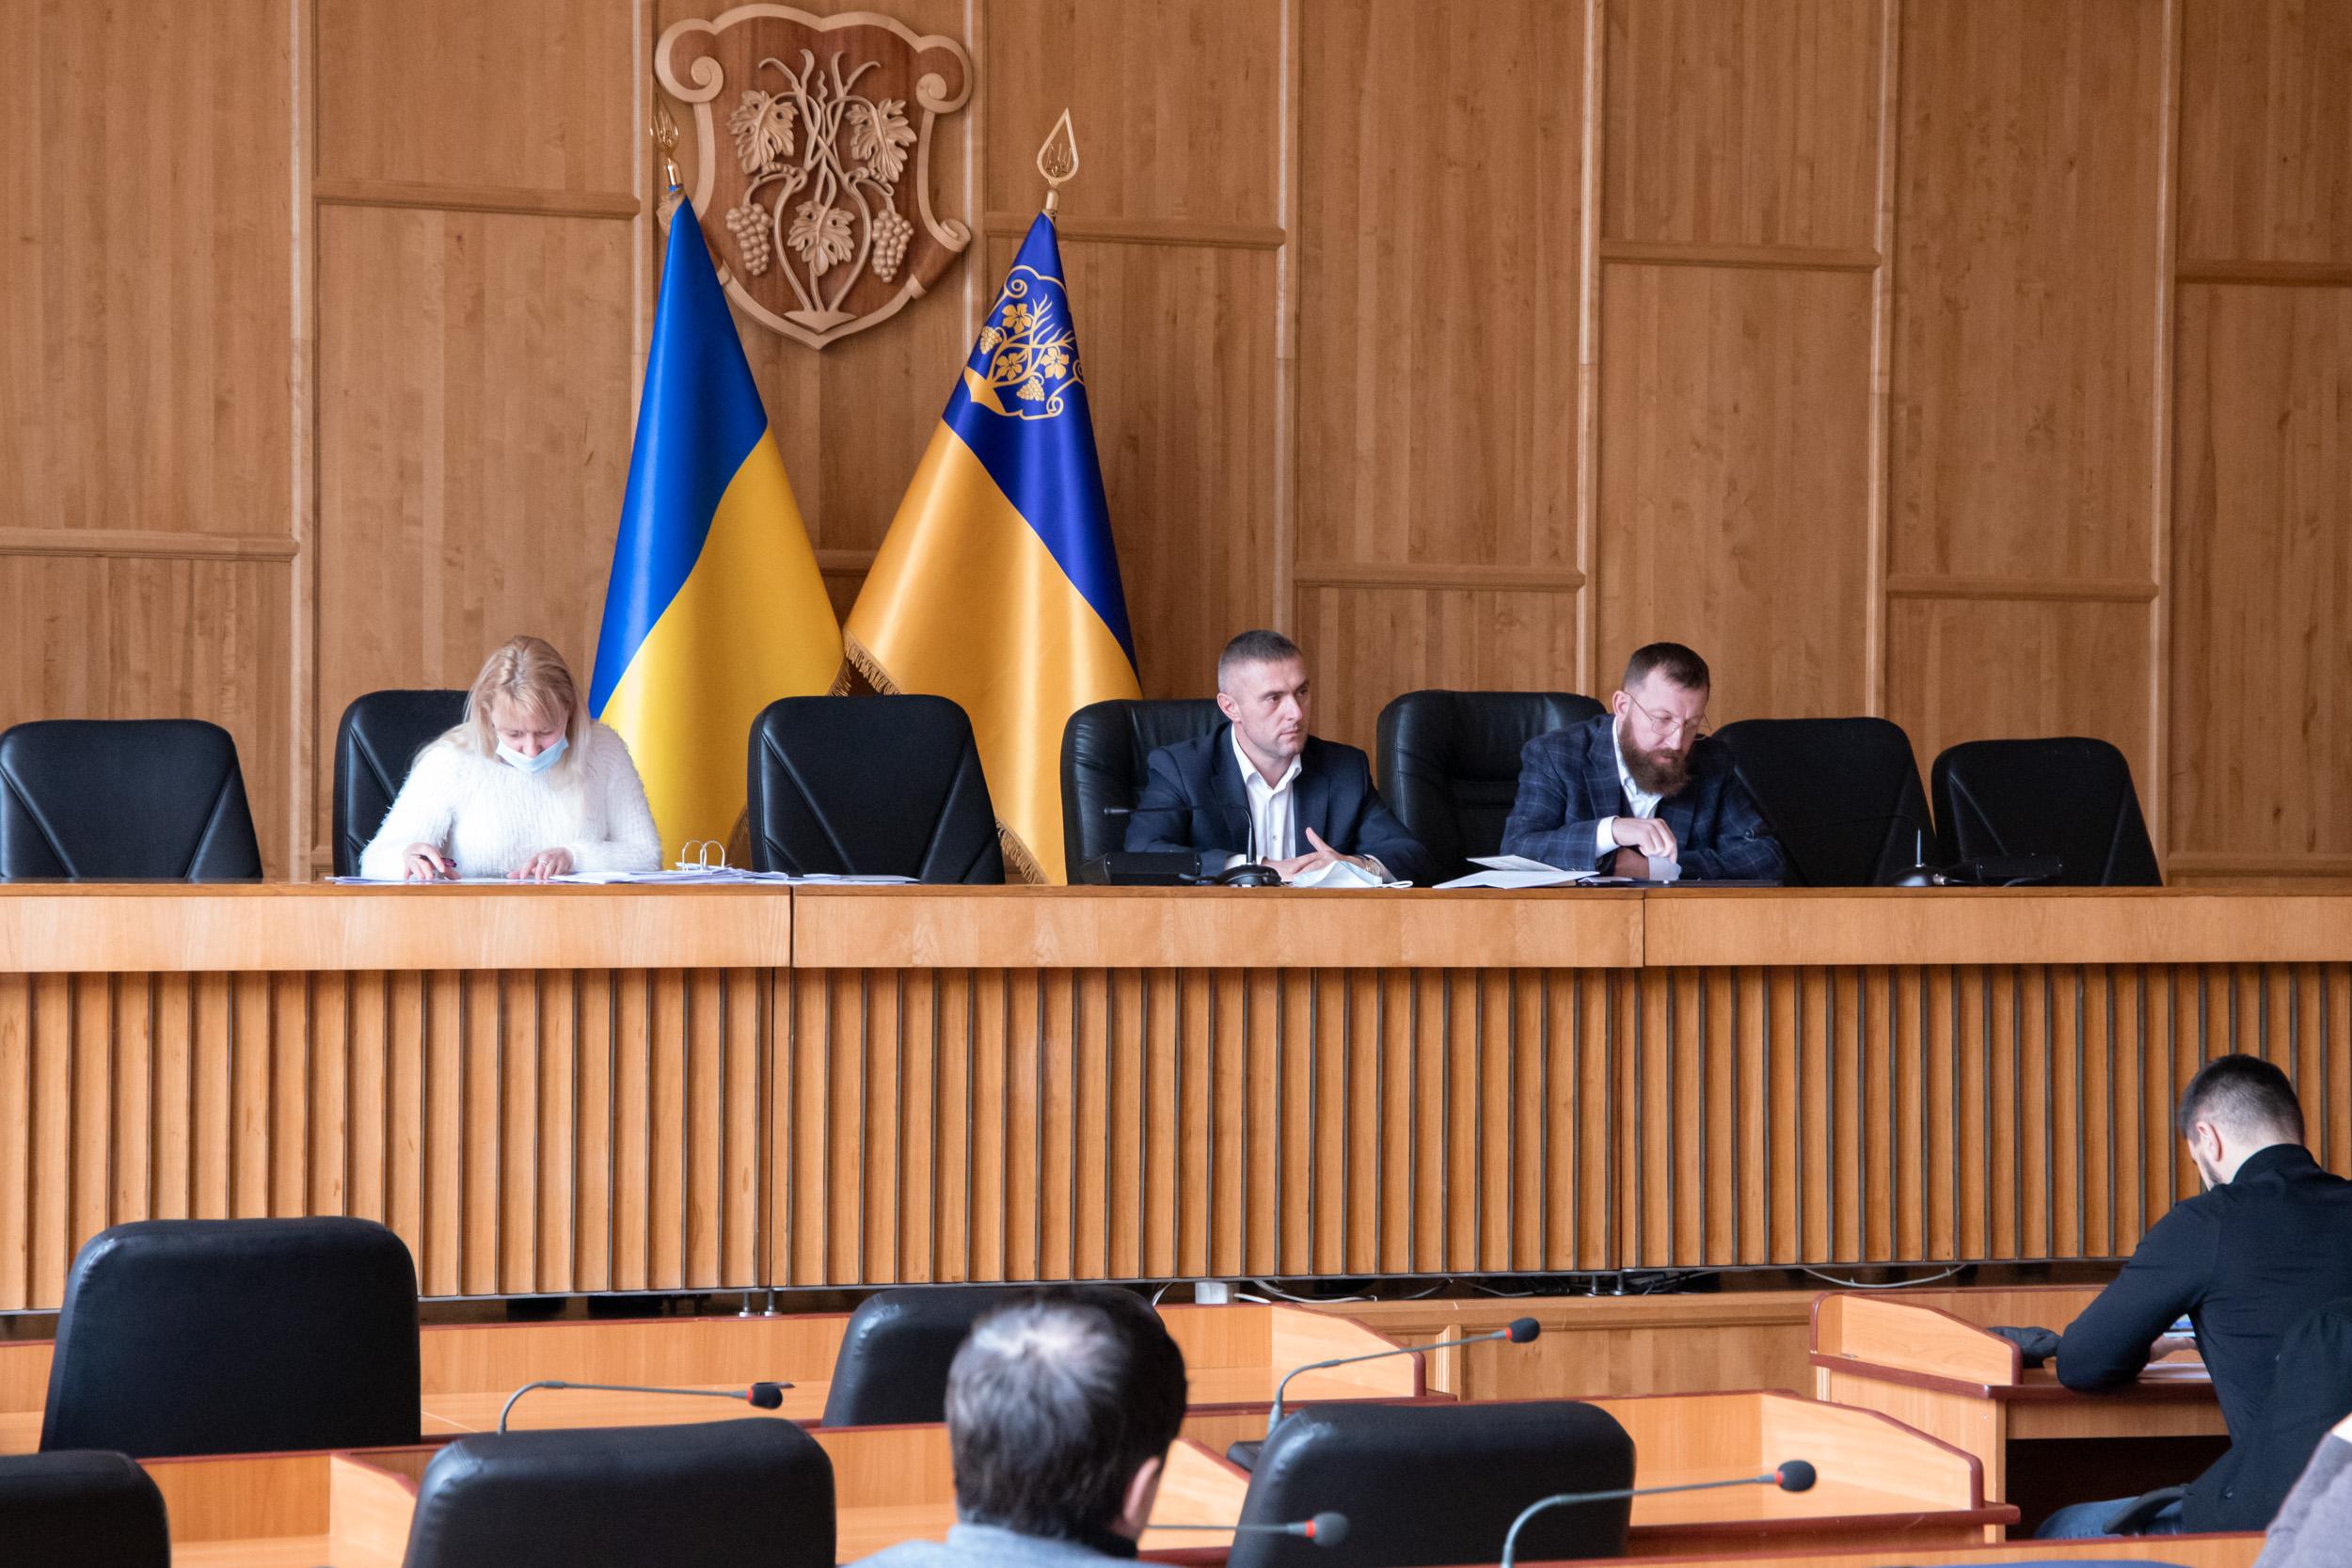 Робоча група, створена нещодавно в Ужгородській міській раді для контролю, як забудовники виконують визначені їм вимоги, продовжує працювати.